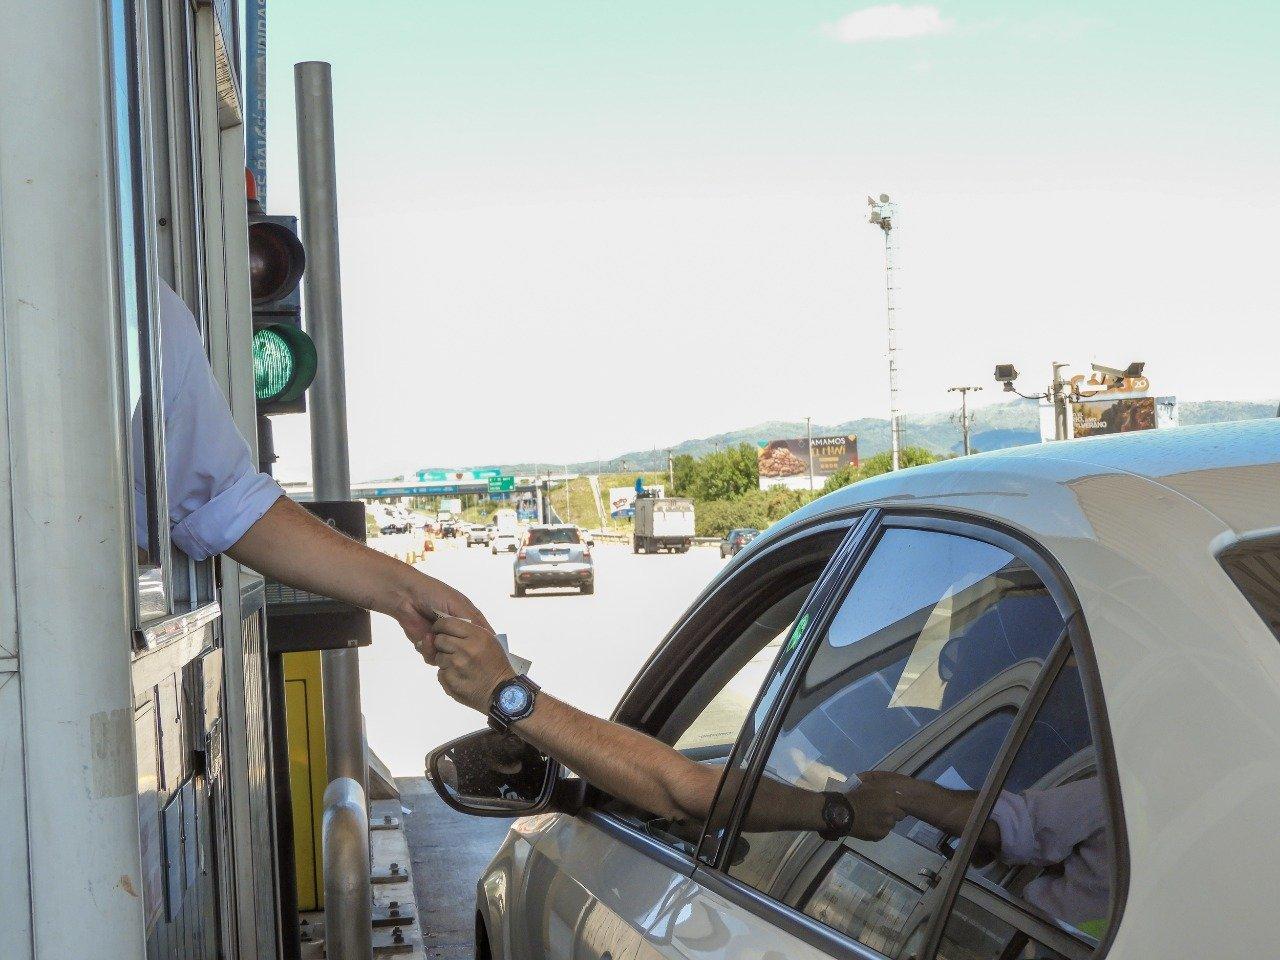 Rige el aumento de peajes en la RAC: desde este sábado sale $60